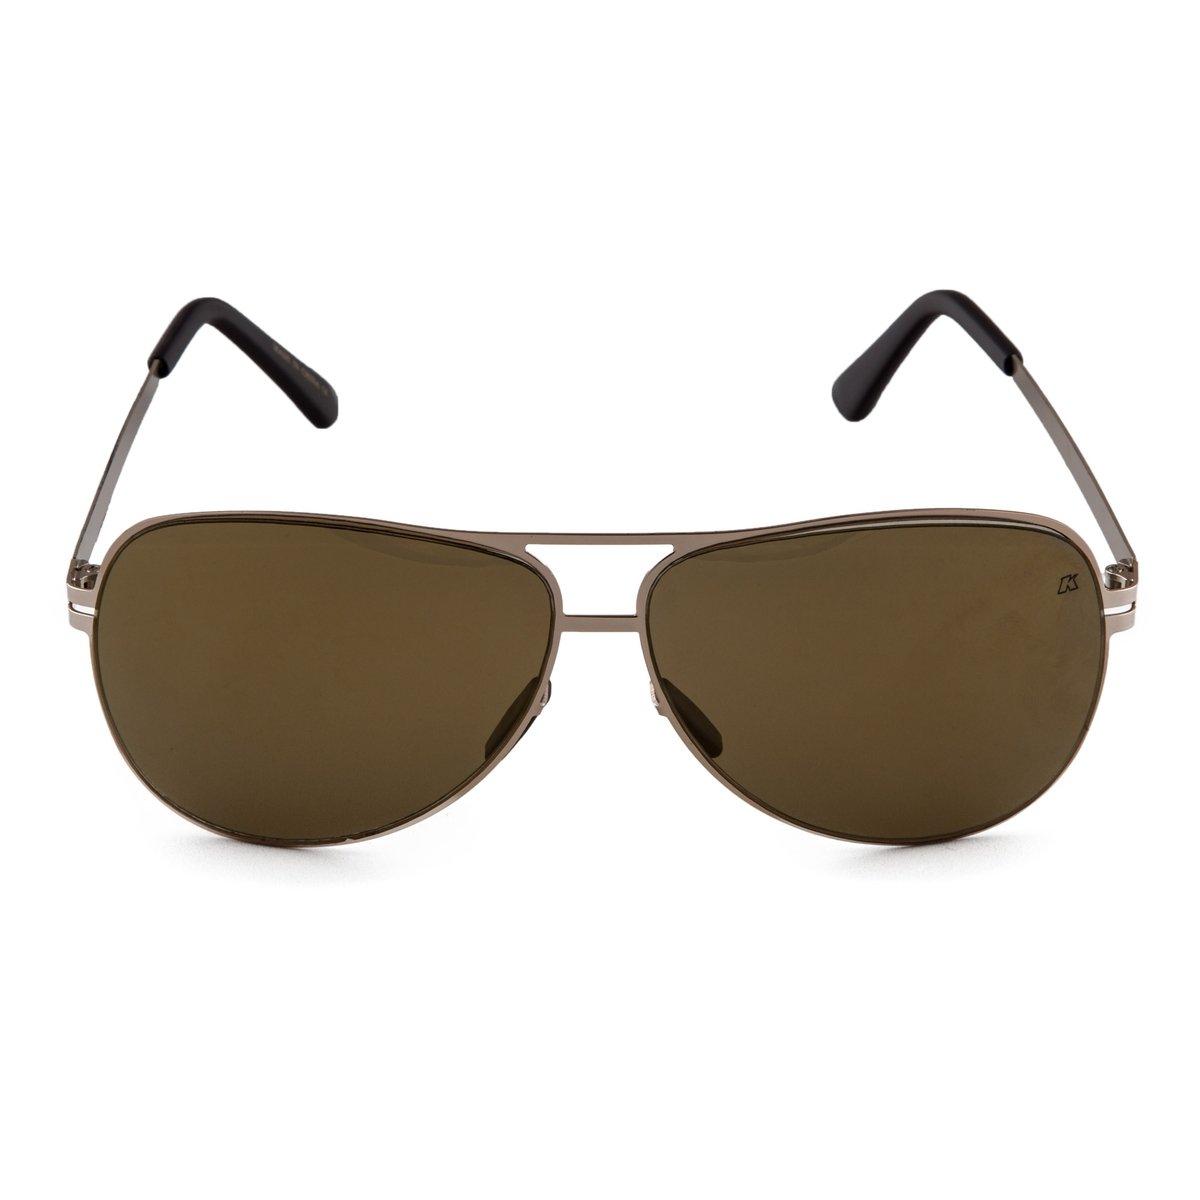 Óculos de Sol Khatto 25031 - Compre Agora   Netshoes deae391b95